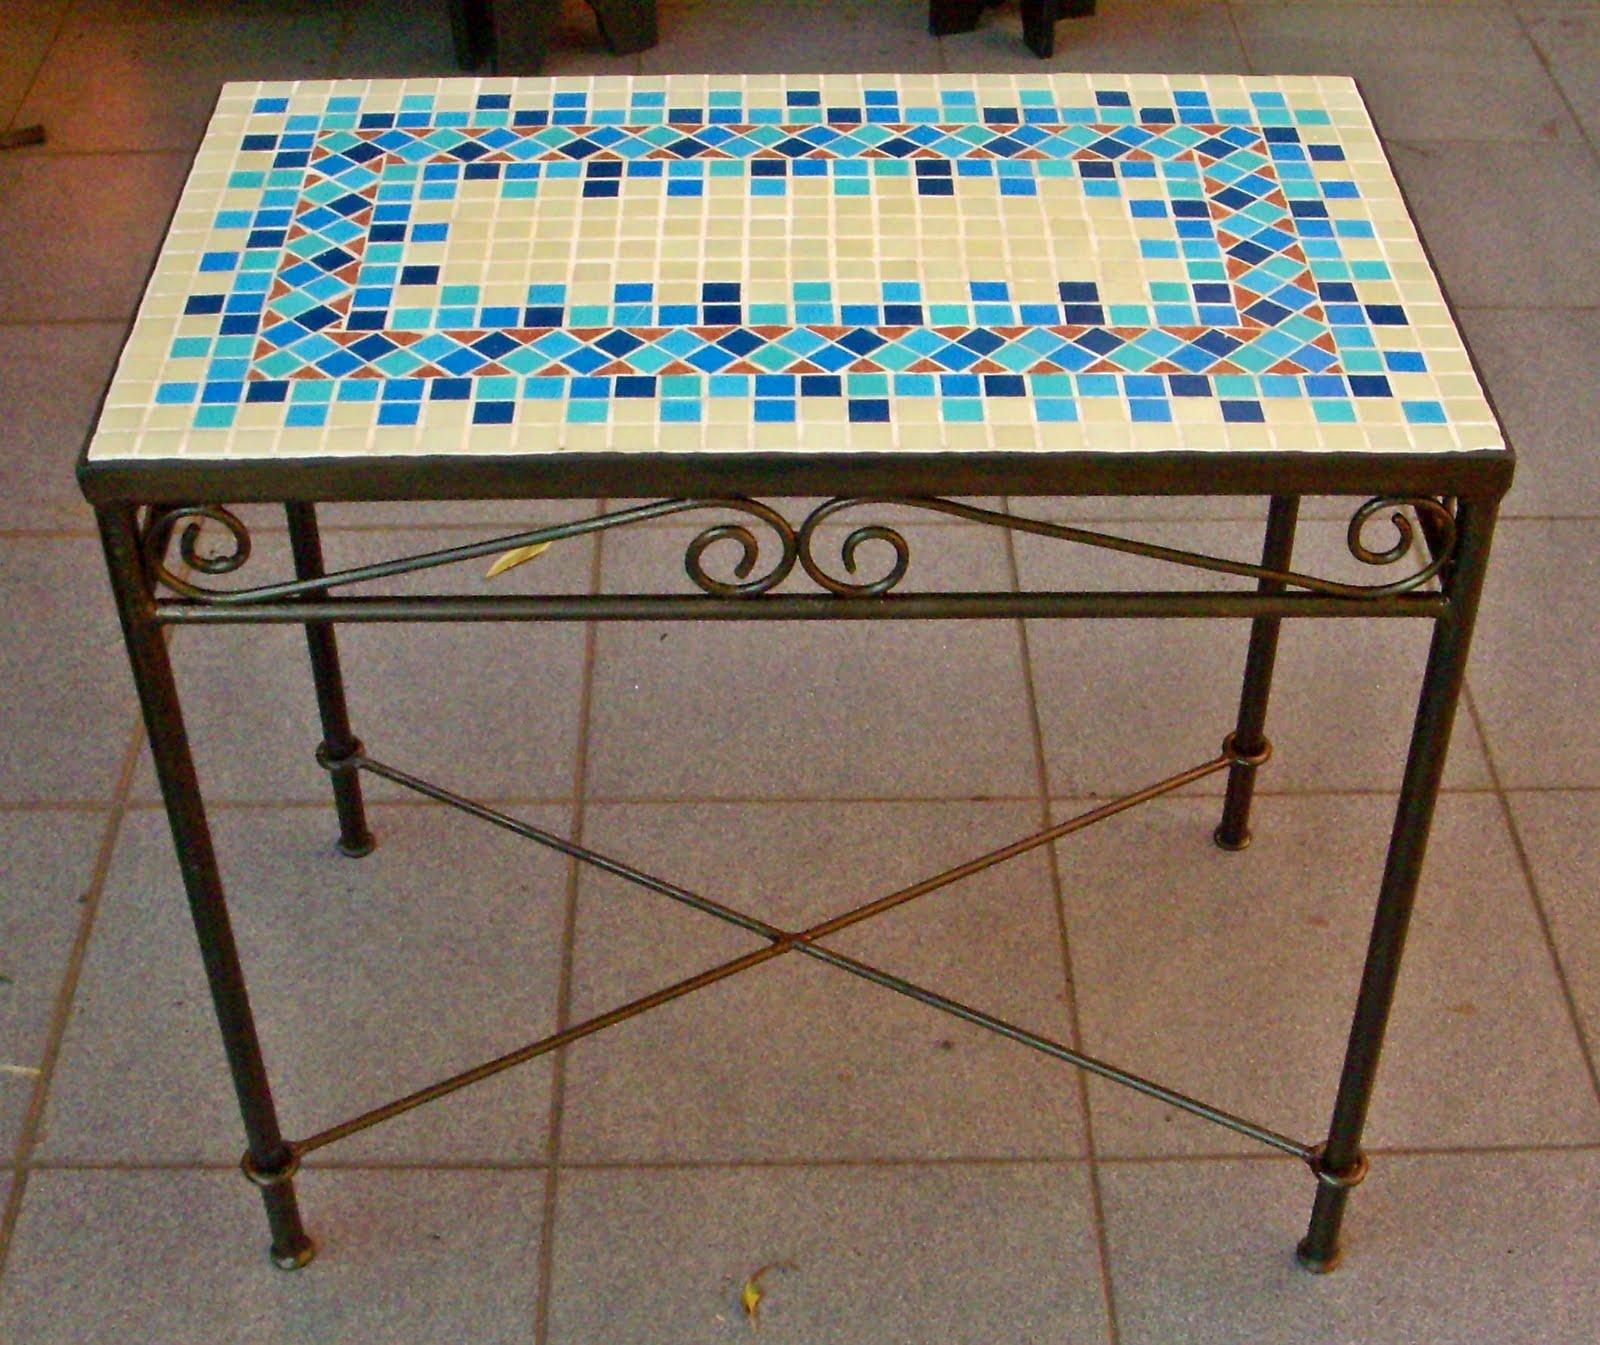 Mesas em mosaico al m da rua atelier - Como pintar mosaicos ...